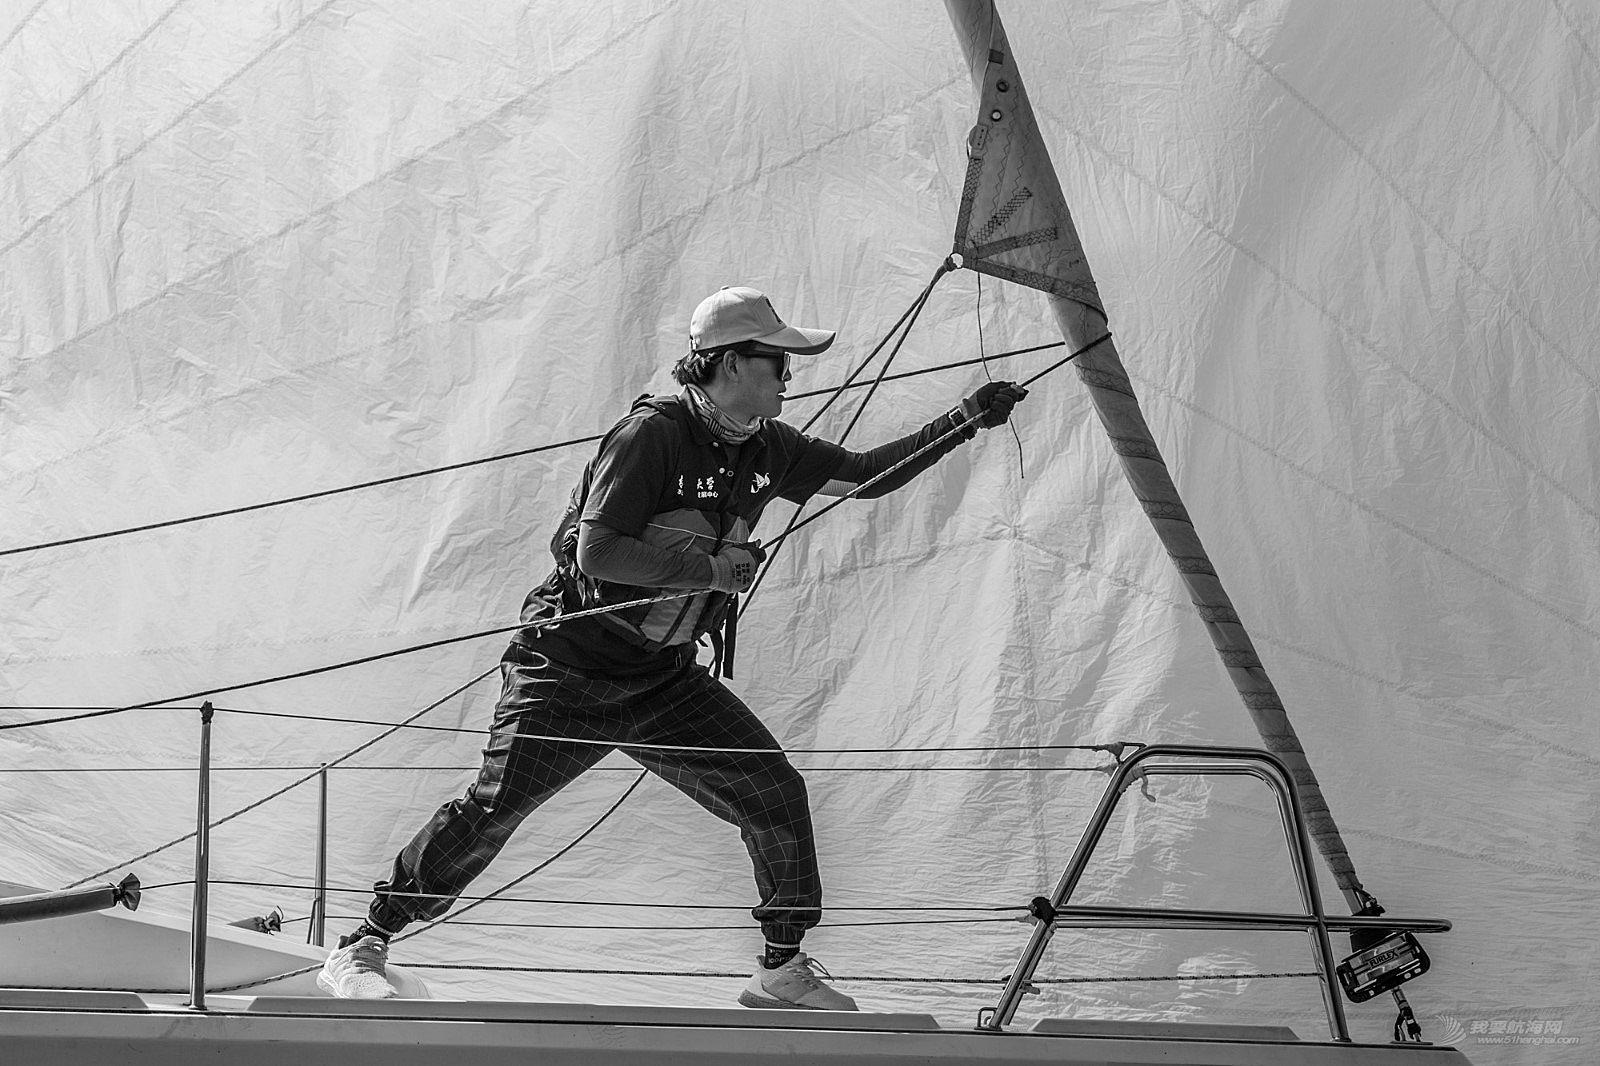 观百舸巅峰对决,揽邛泸绝美胜境 2018西昌邛海国际帆船赛盛大开赛